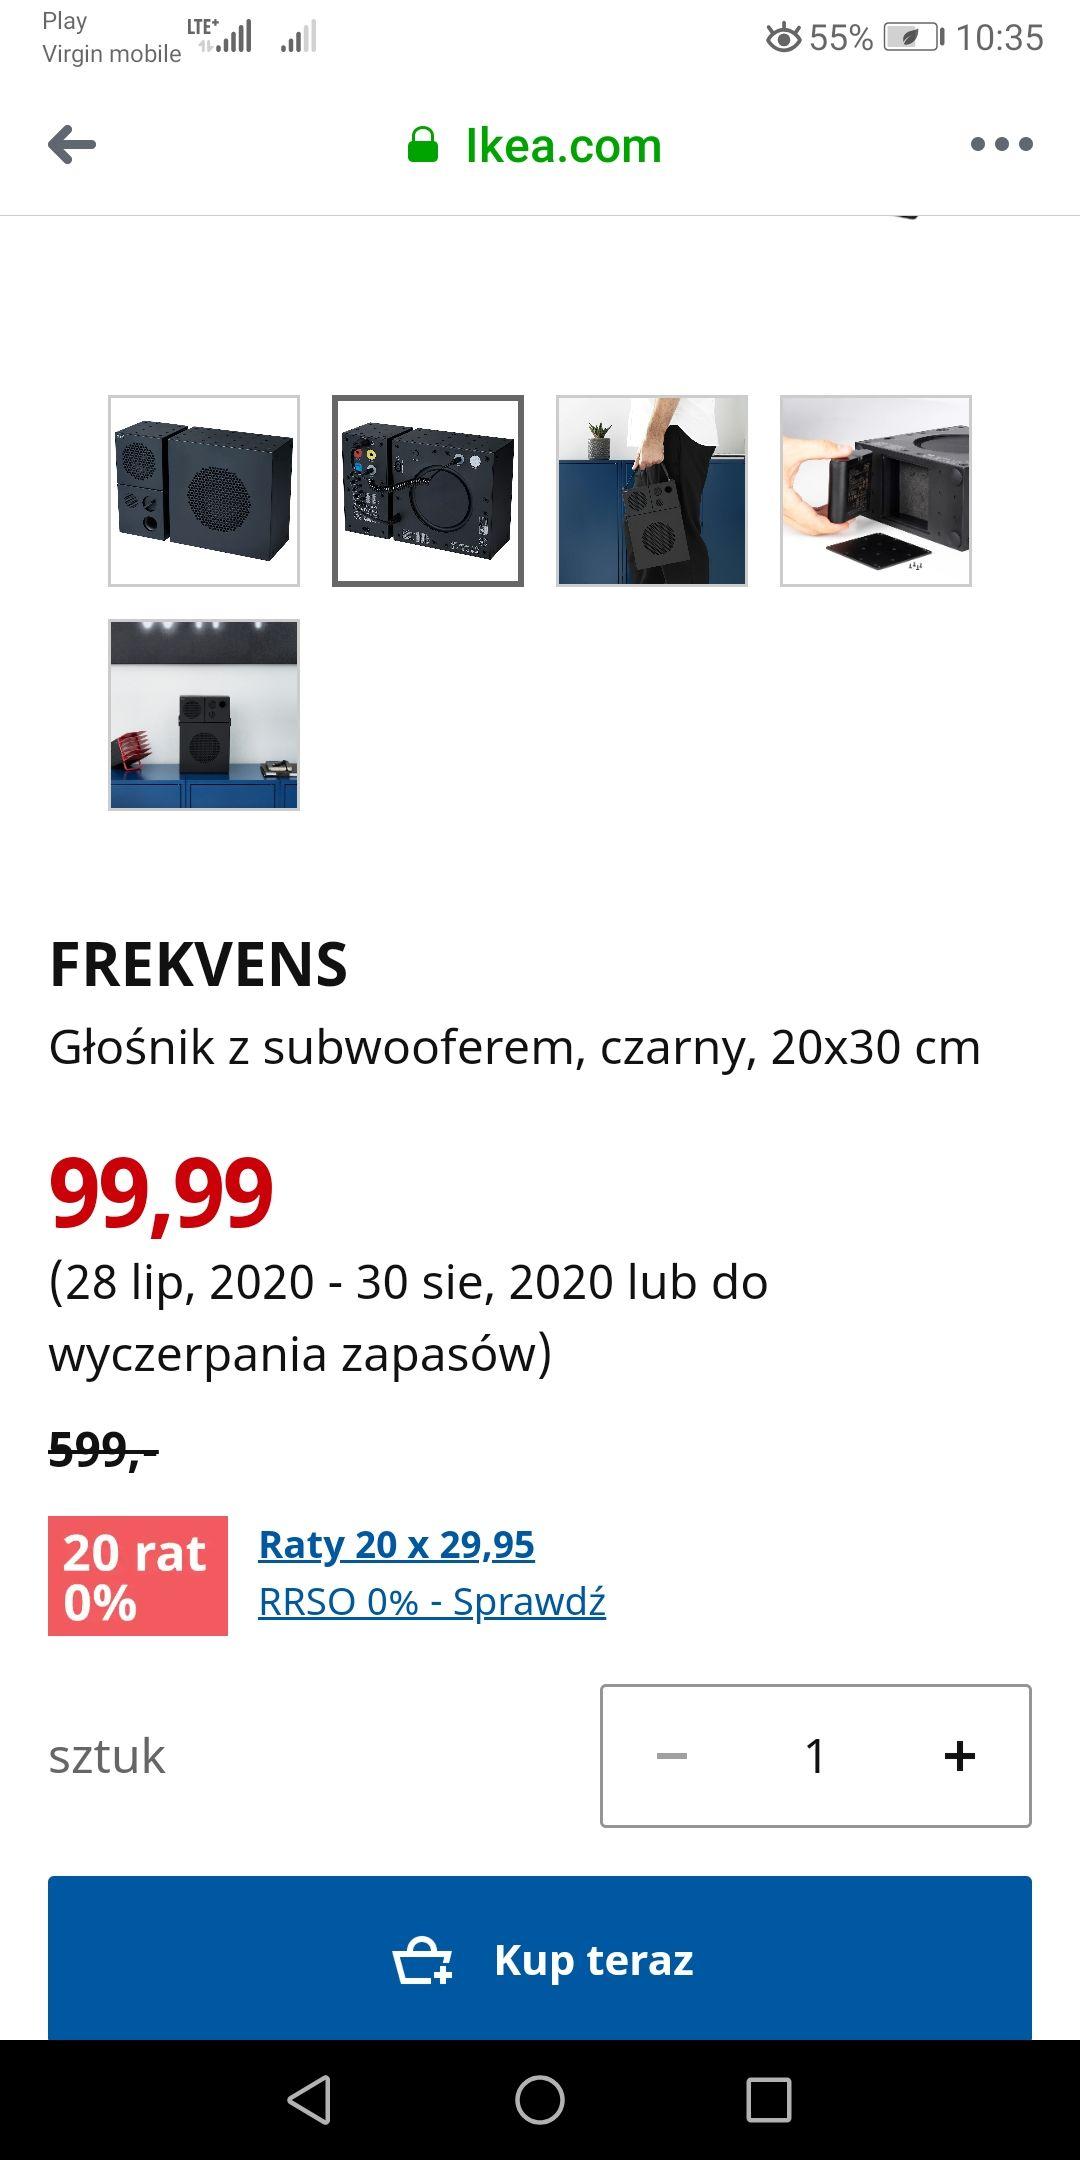 FREKVENS Głośnik z subwooferem, czarny, 20x30 cm